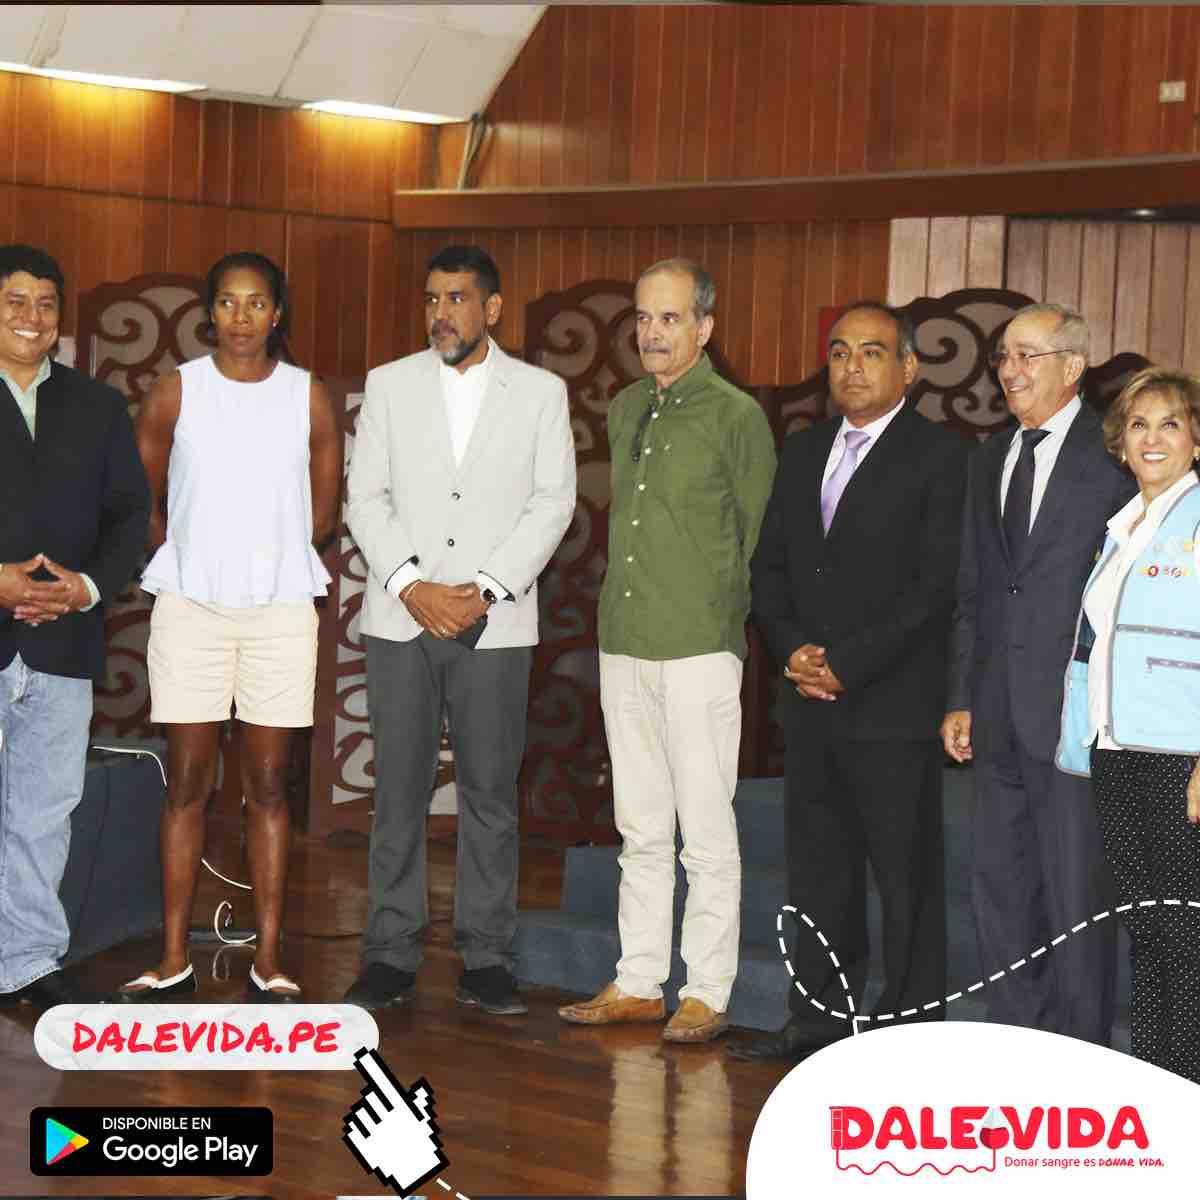 Dale Vida 2018: 16/02/2018 San Borja, Surquillo, San Miguel, Surco, SJM